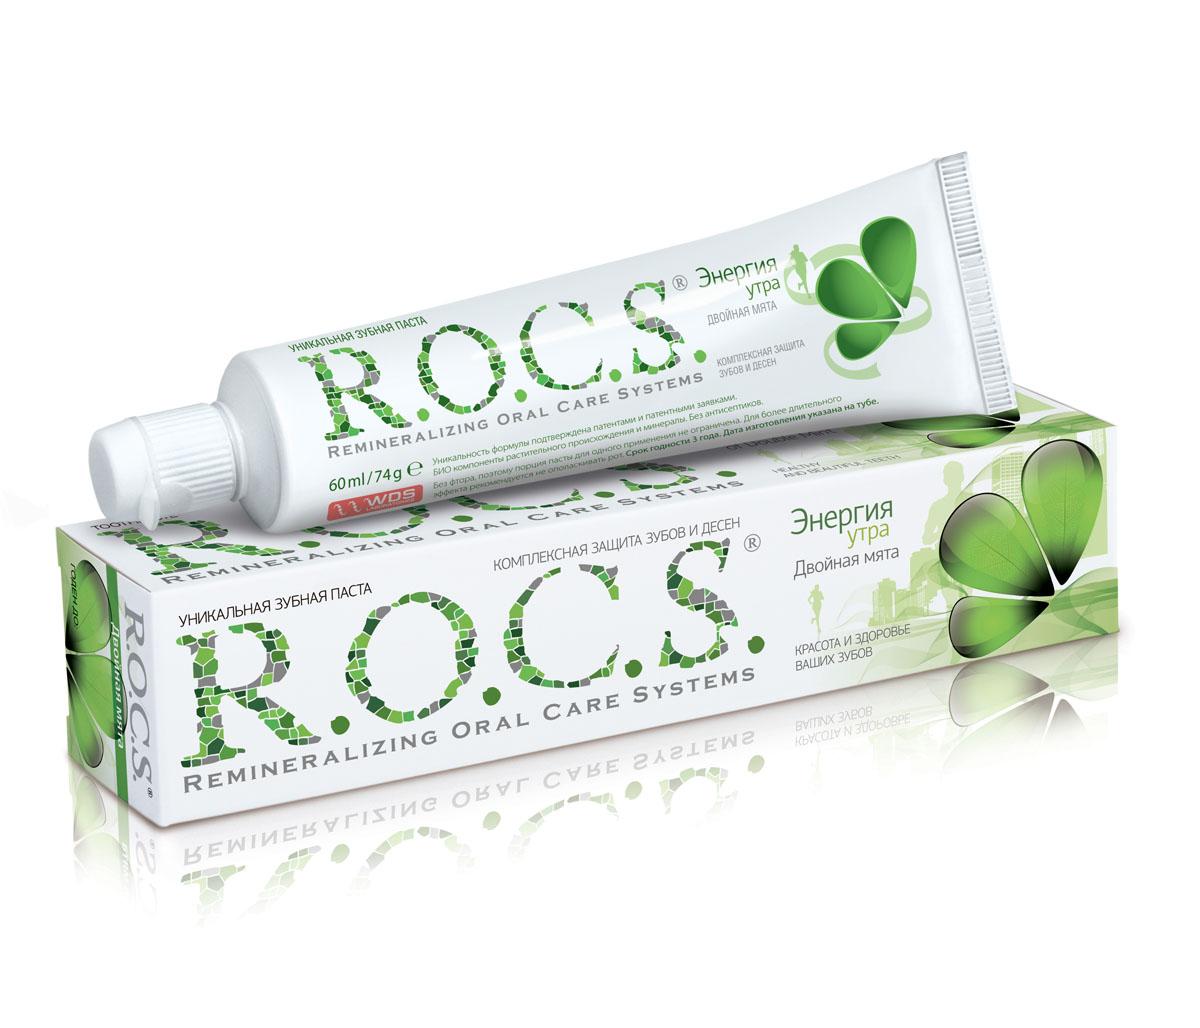 Зубная паста R.O.C.S. Двойная мята, 74 гMP59.4DУникальная зубная паста R.O.C.S. Двойная мята - комплексная защита зубов и десен. Значительное количество ингредиентов зубной пасты попадает в кровь через слизистую оболочку полости рта в момент чистки зубов. Вот почему так важно, чтобы паста была безопасной. Запатентованная формула R.O.C.S. содержи био-компоненты растительного происхождения, активность которых сохраняется благодаря применяемой низкотемпературной технологии приготовления зубной пасты.Высокая эффективность R.O.C.S. подтверждена клиническими исследованиями: Защищает от кариеса и нормализует состав микрофлоры полости рта;Возвращает белизну и блеск эмали за счет действия ферментативной системы в сочетании с минеральным комплексом;Устраняет кровоточивость и воспаление десен без применения антисептиков. Характеристики: Вес: 74 г. Производитель: Россия. Артикул: 70463. Товар сертифицирован.